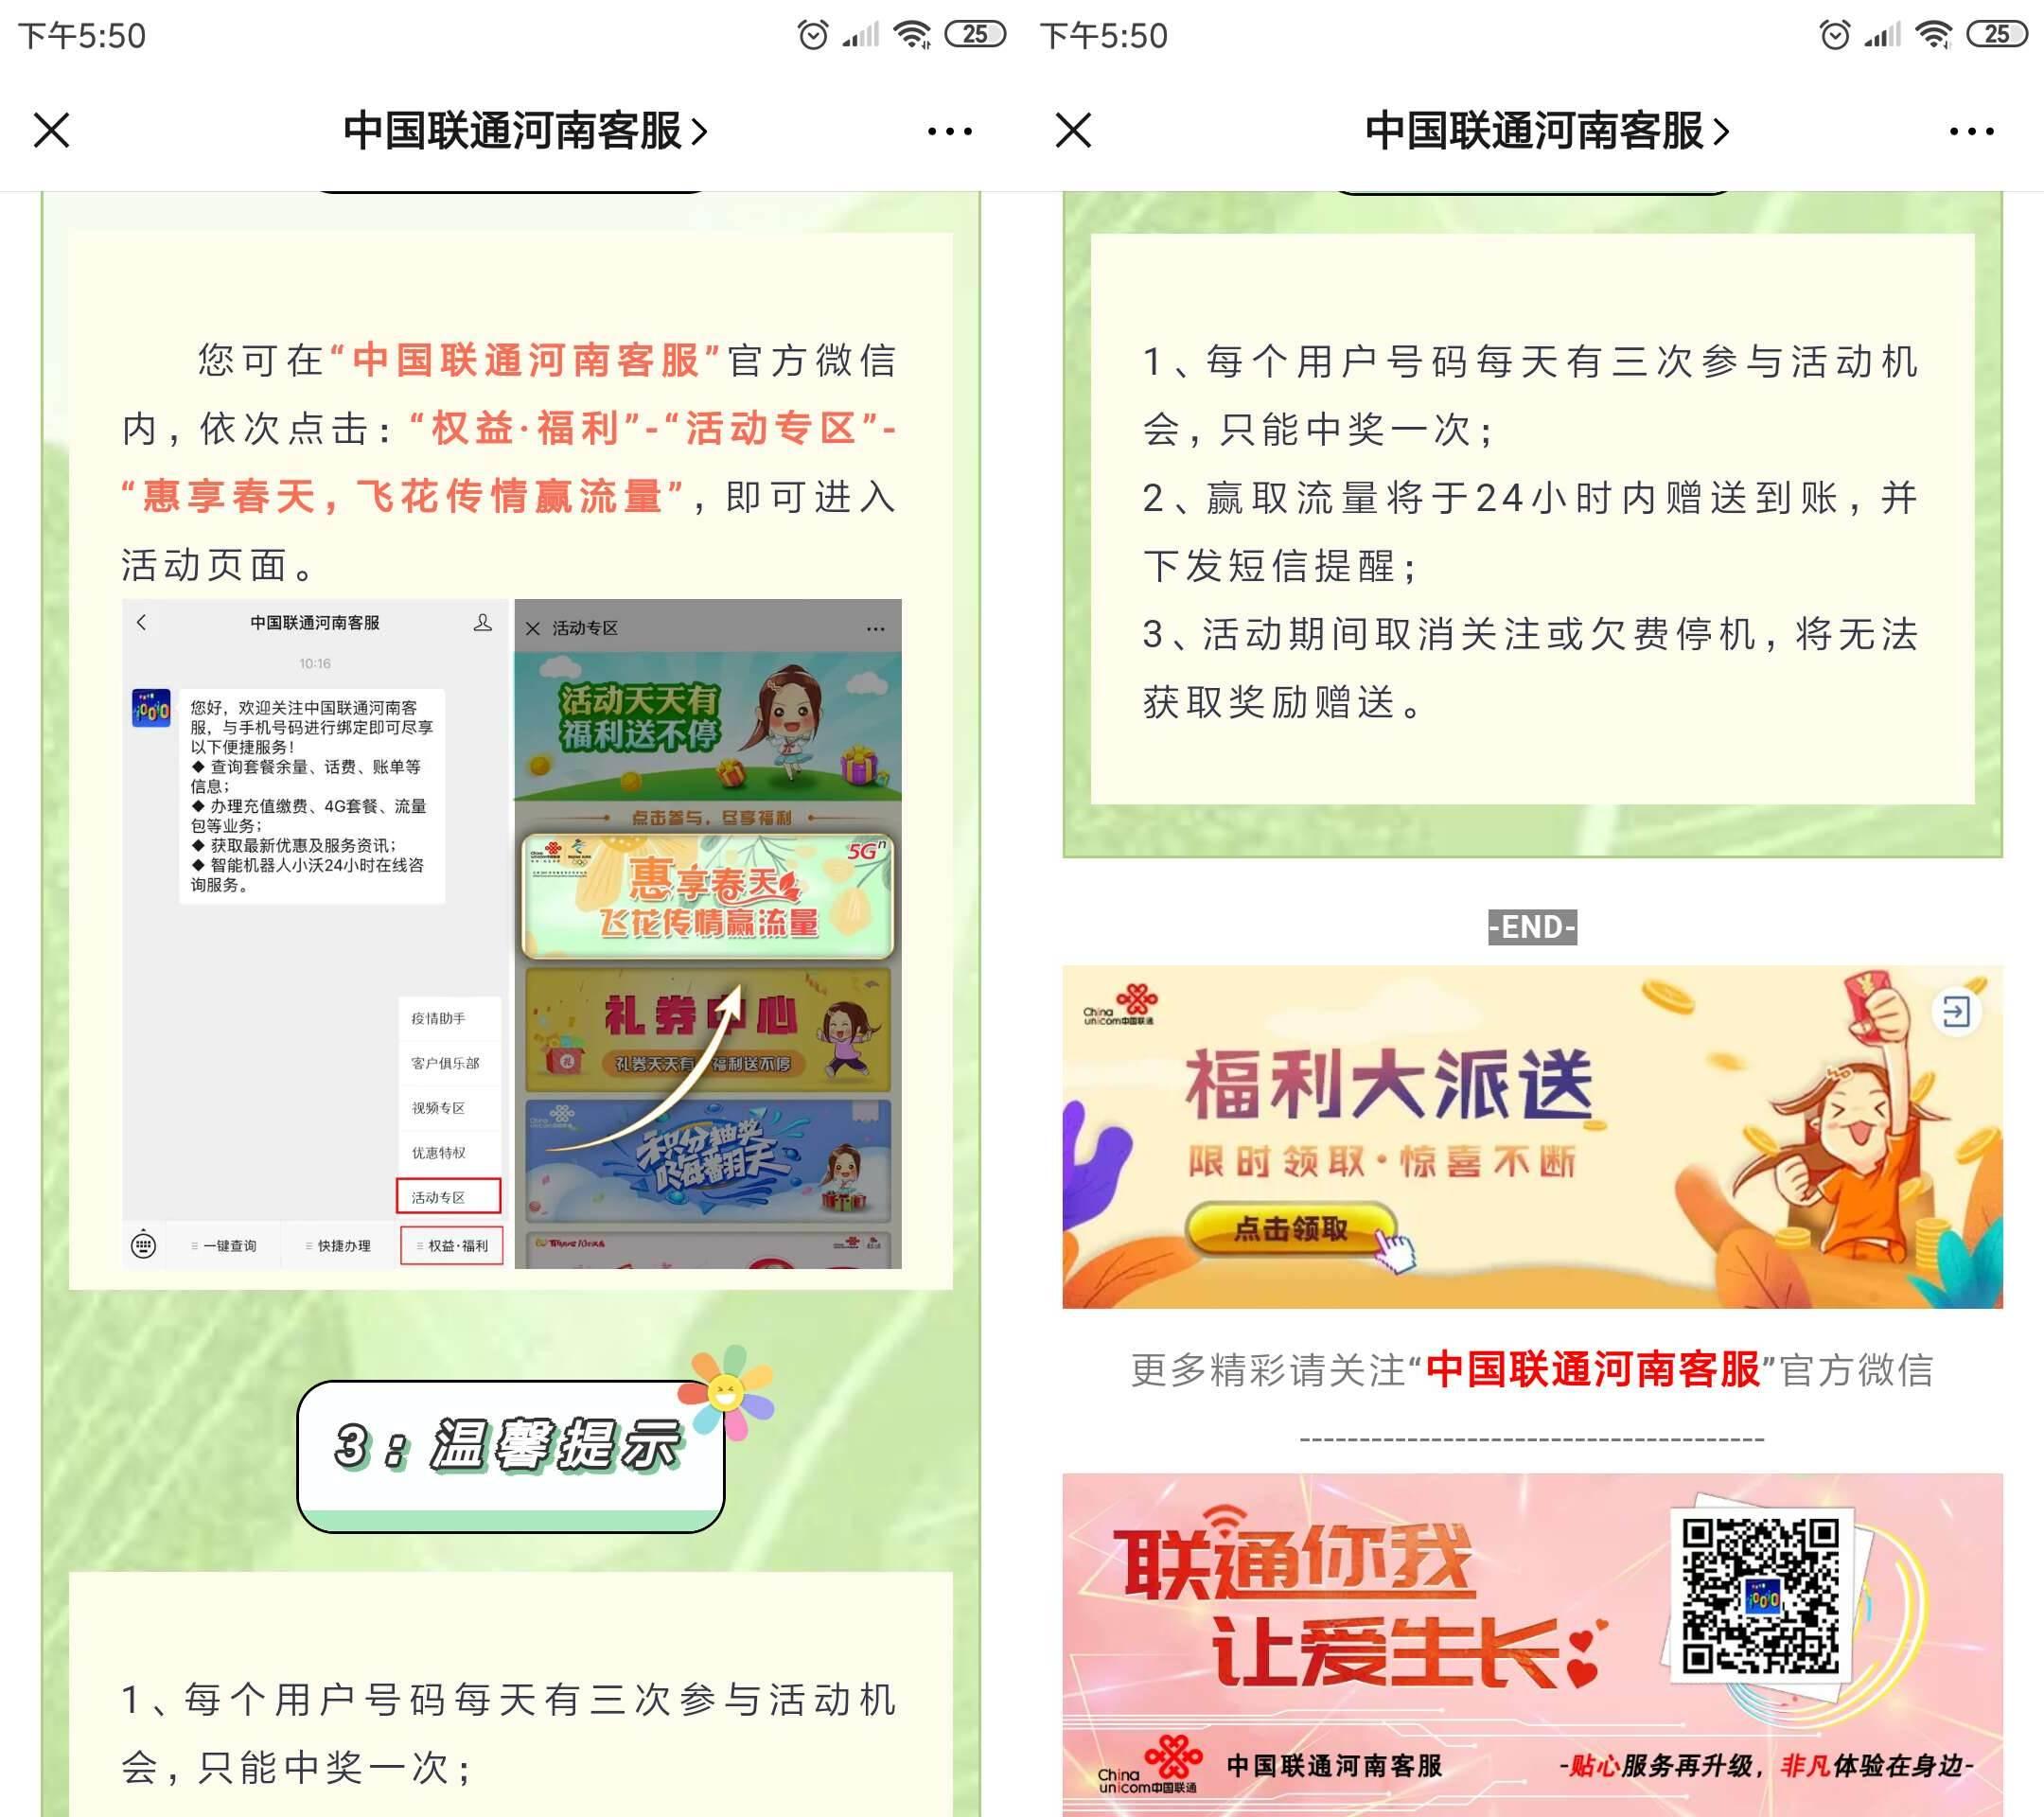 河南联通客服玩游戏领1G流量